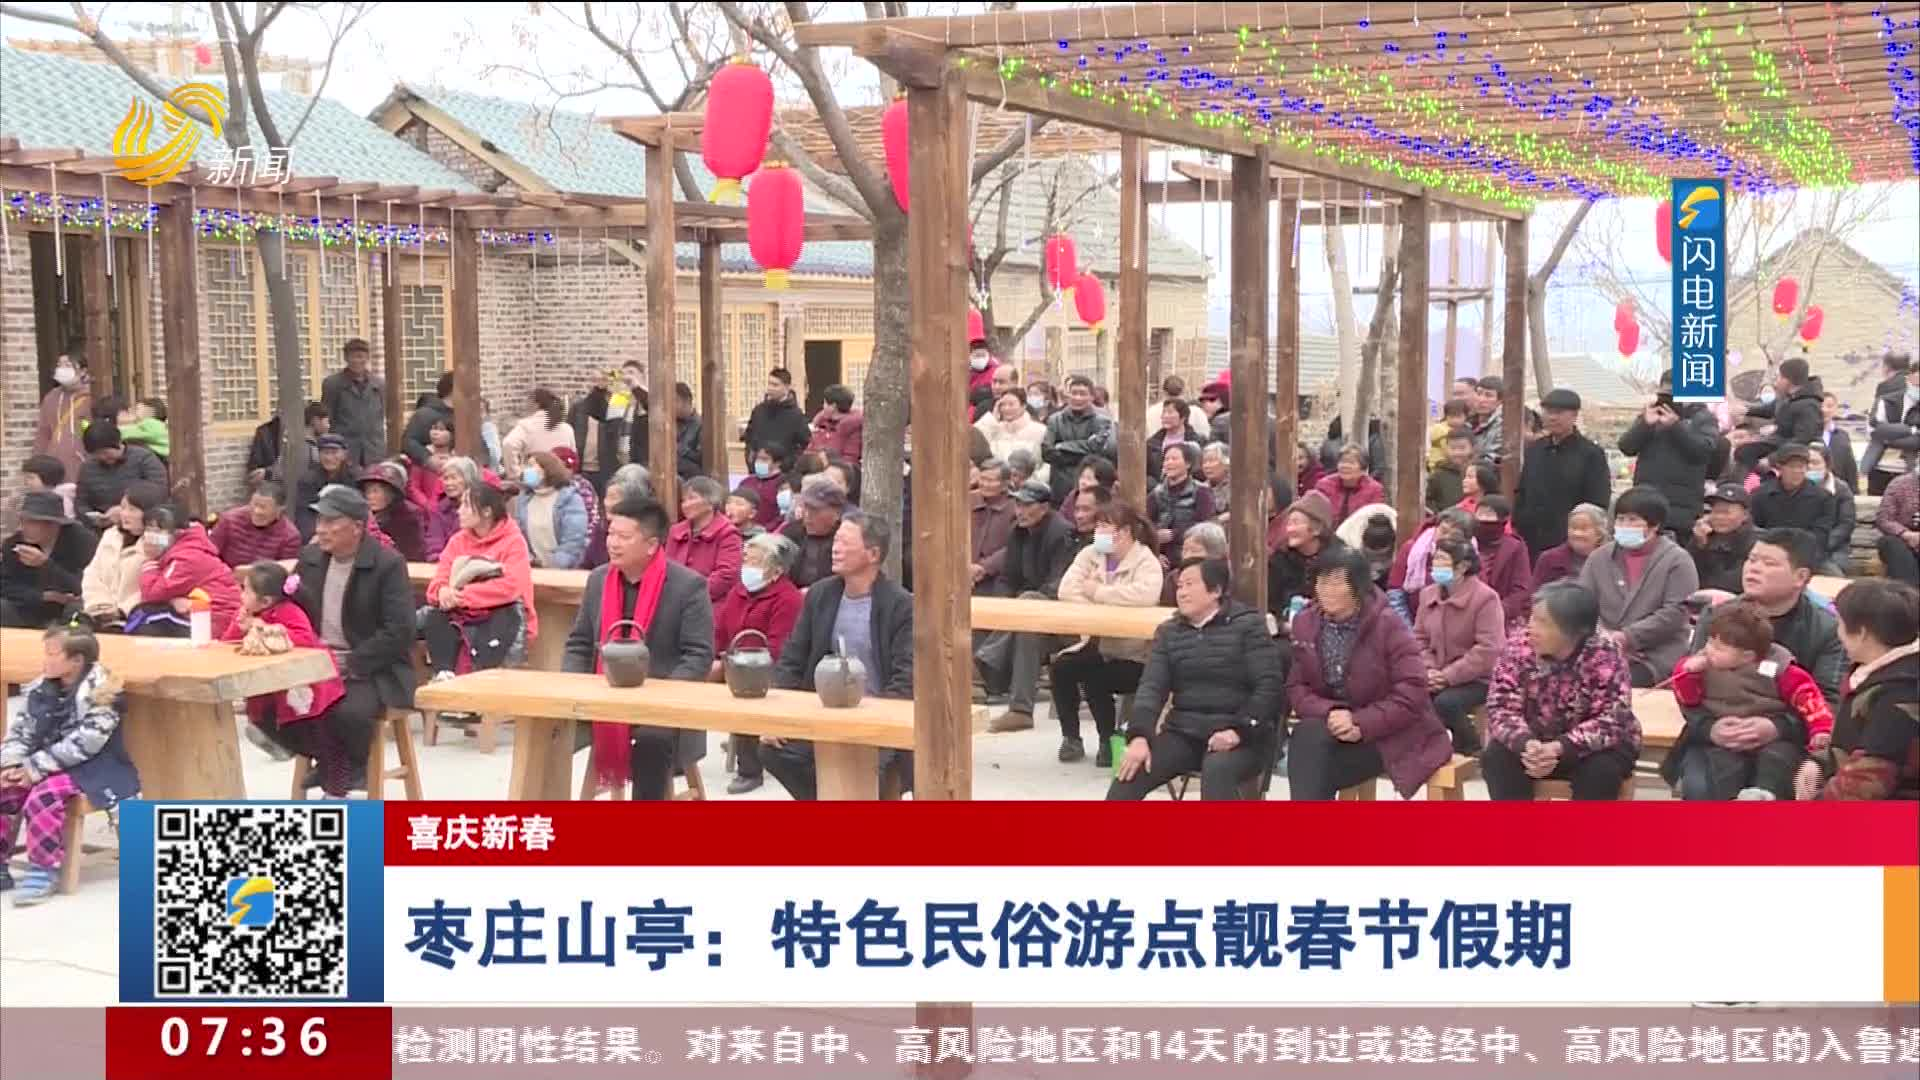 枣庄山亭:特色民俗游点靓春节假期